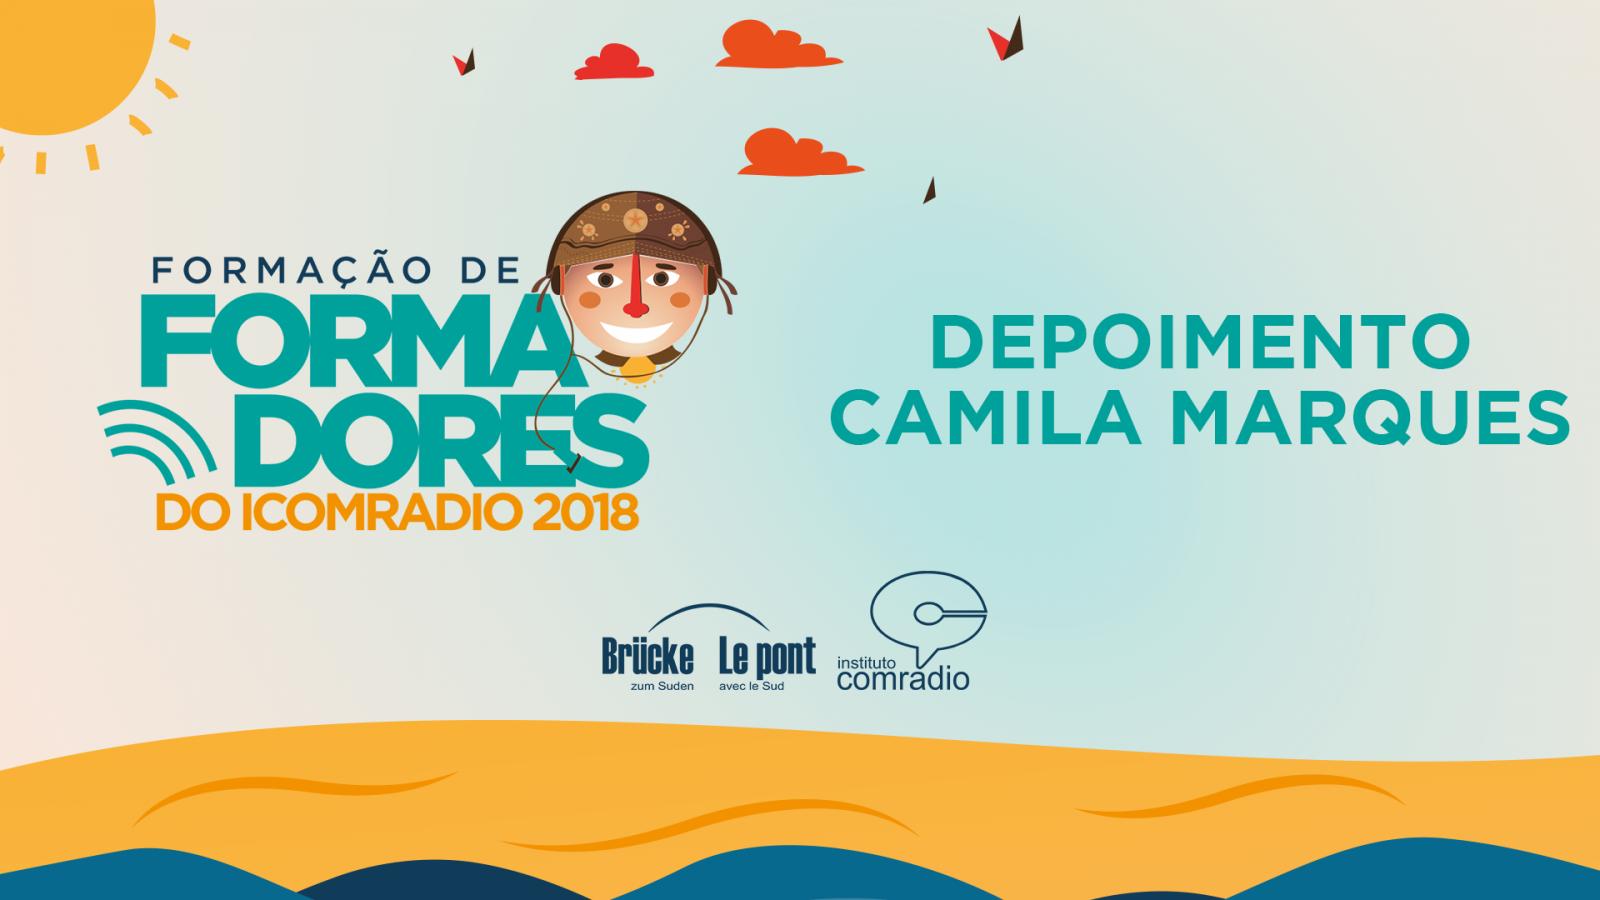 Depoimento Camila Marques - Oficina de Formação de Formadores do IComradio